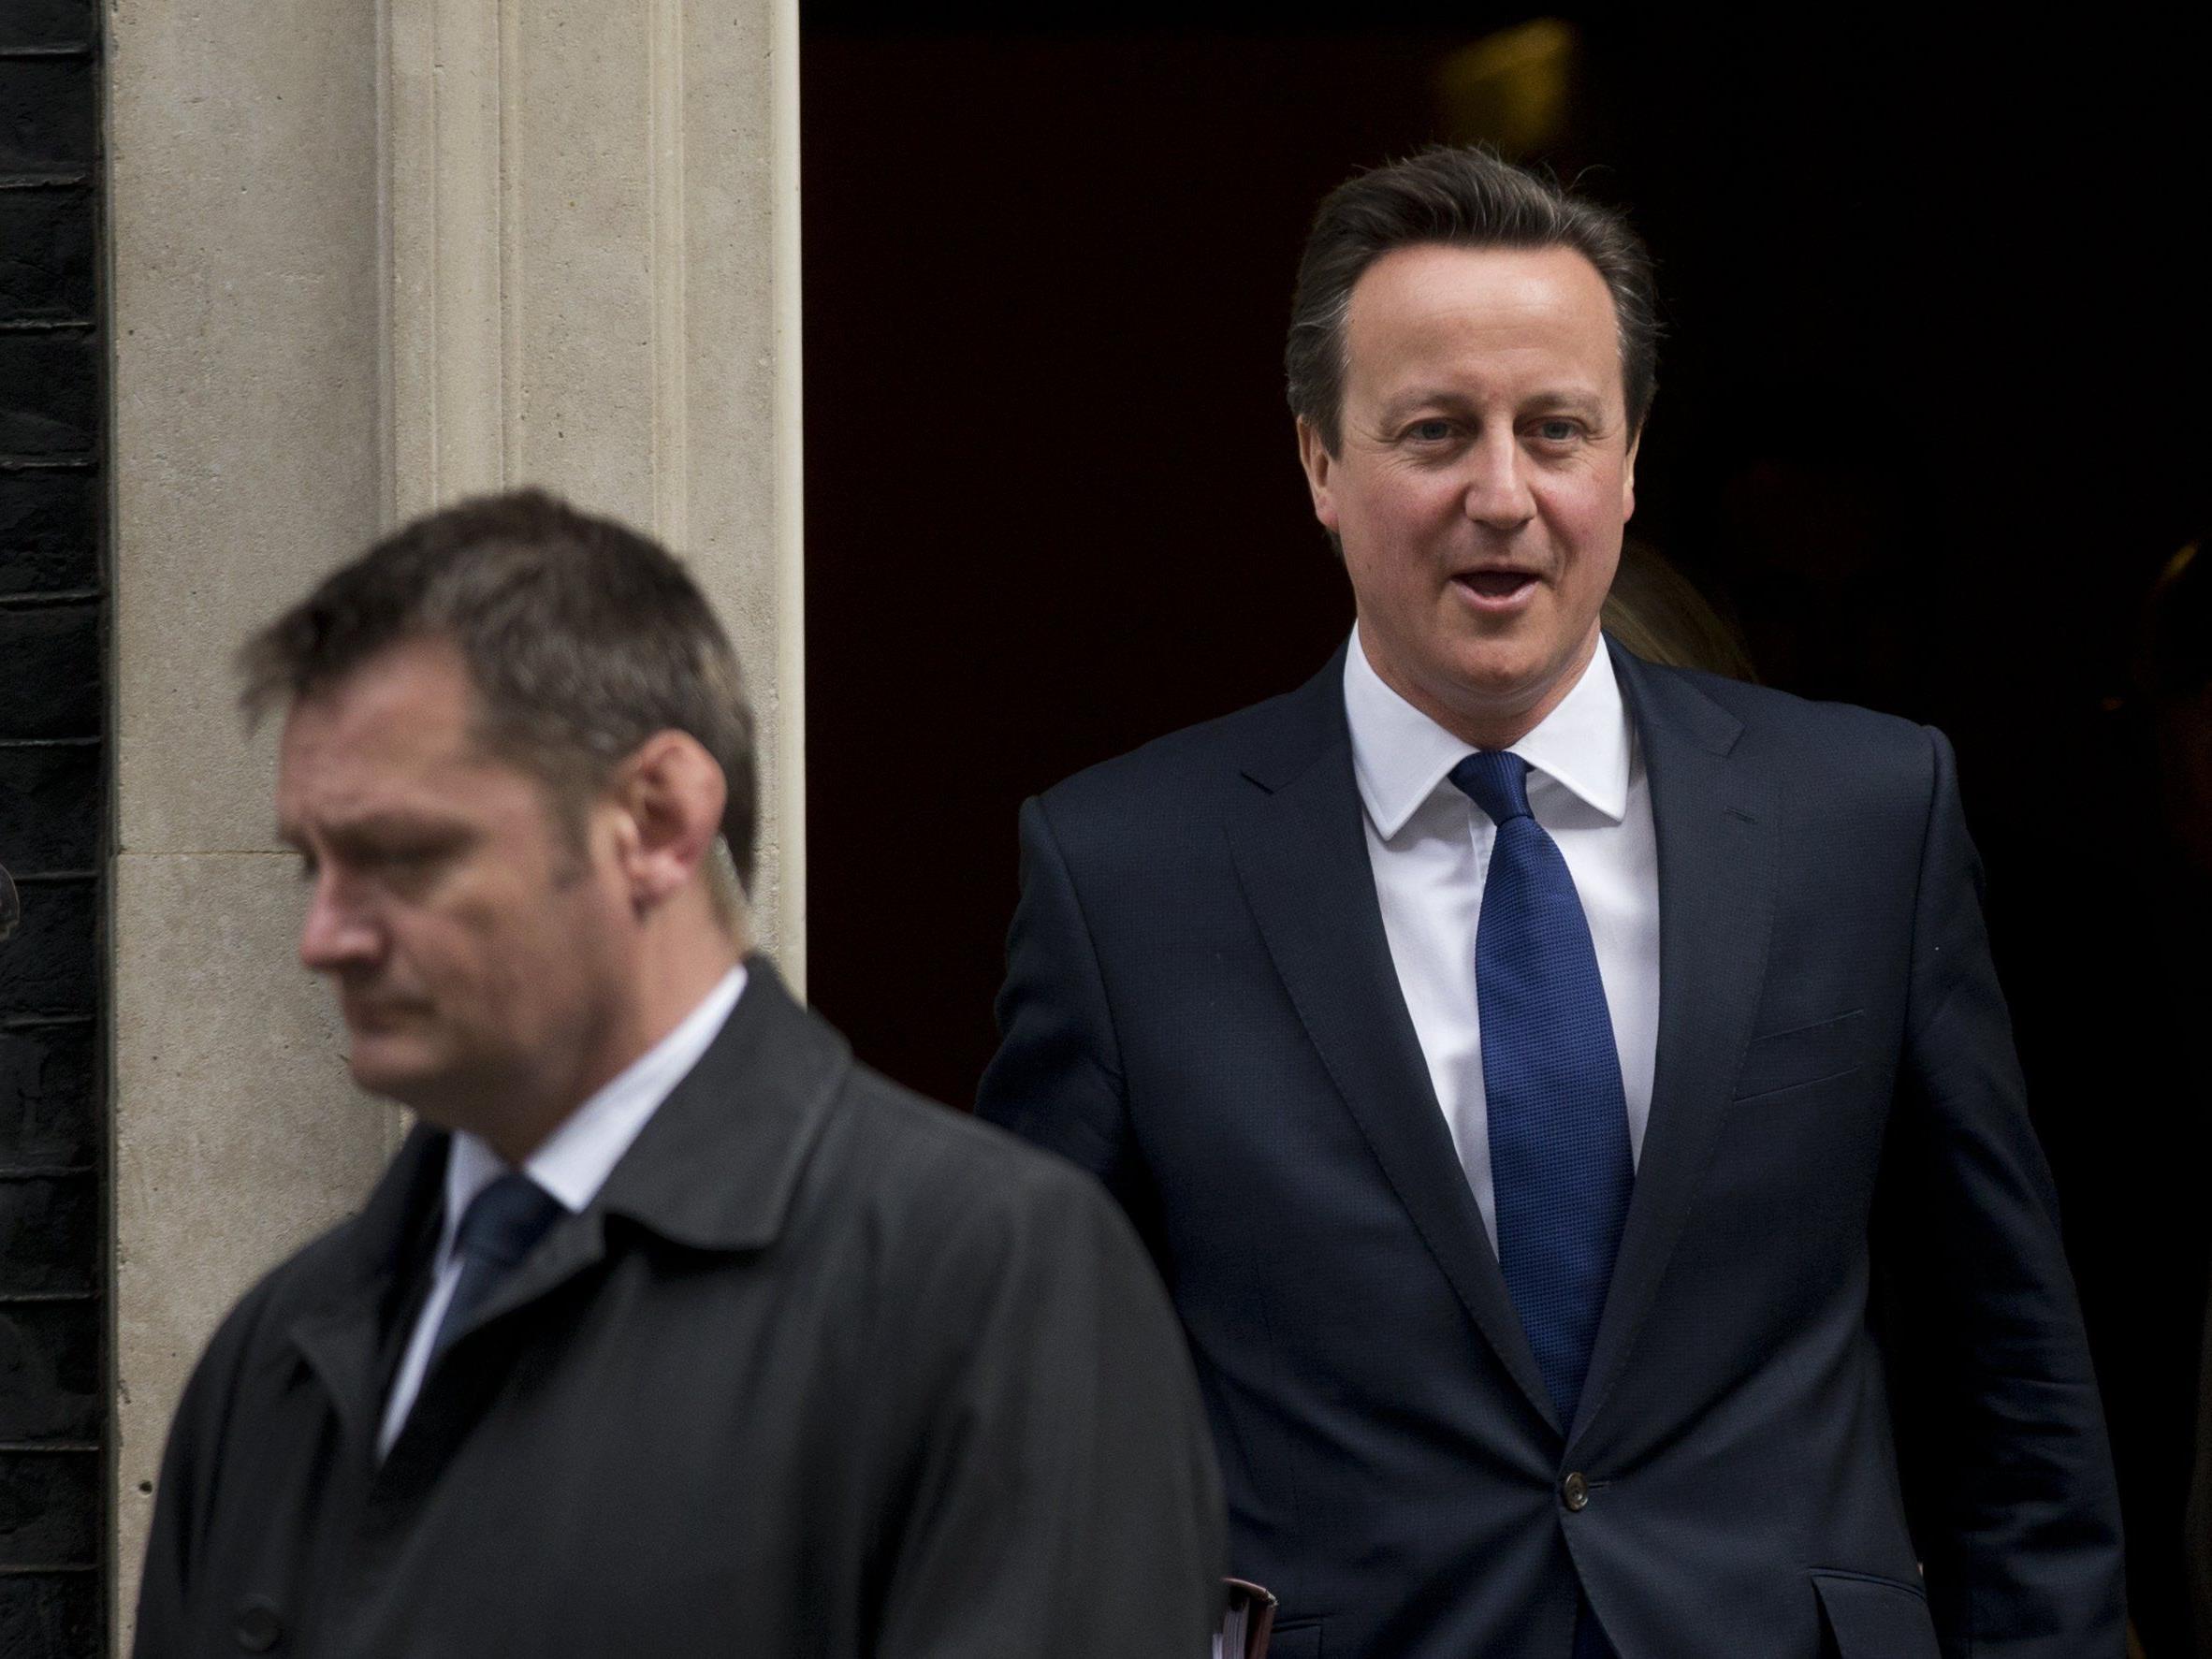 Cameron überrascht im Wahlkampf selbst die engsten Berater.